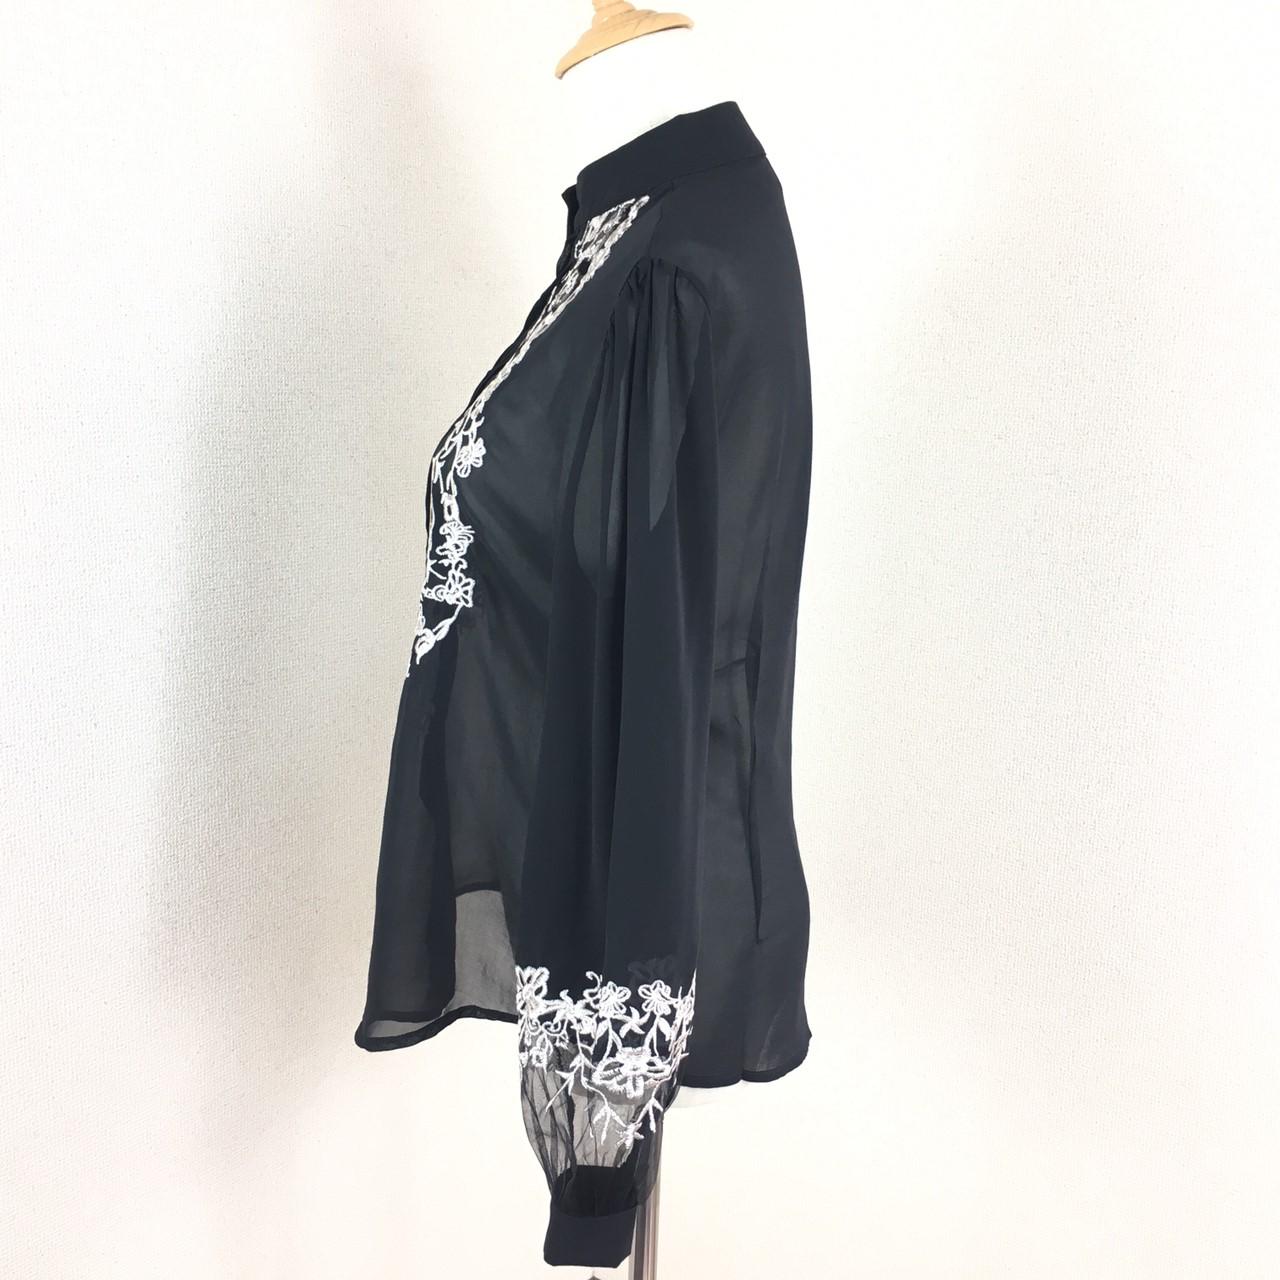 「凛と着こなす♪」黒地に刺繍が映える☆知的ブラウス 夏 春 PTX8814の写真11枚目